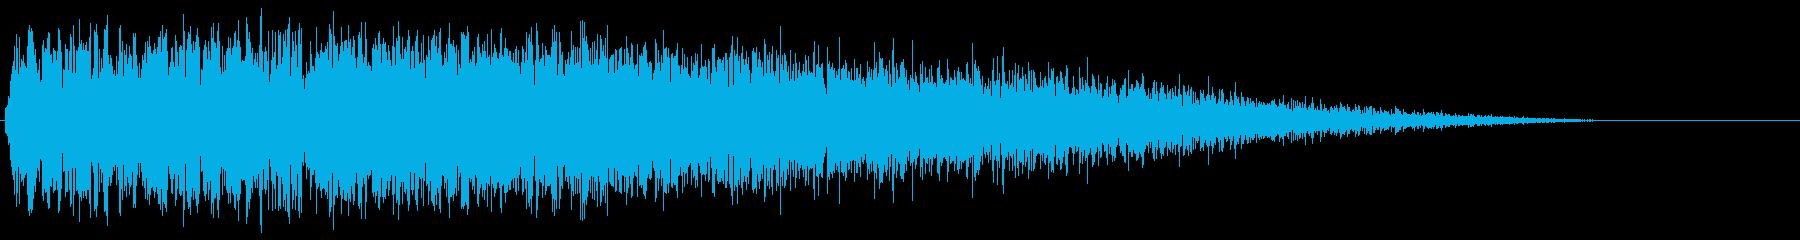 爆発的なスイープの再生済みの波形